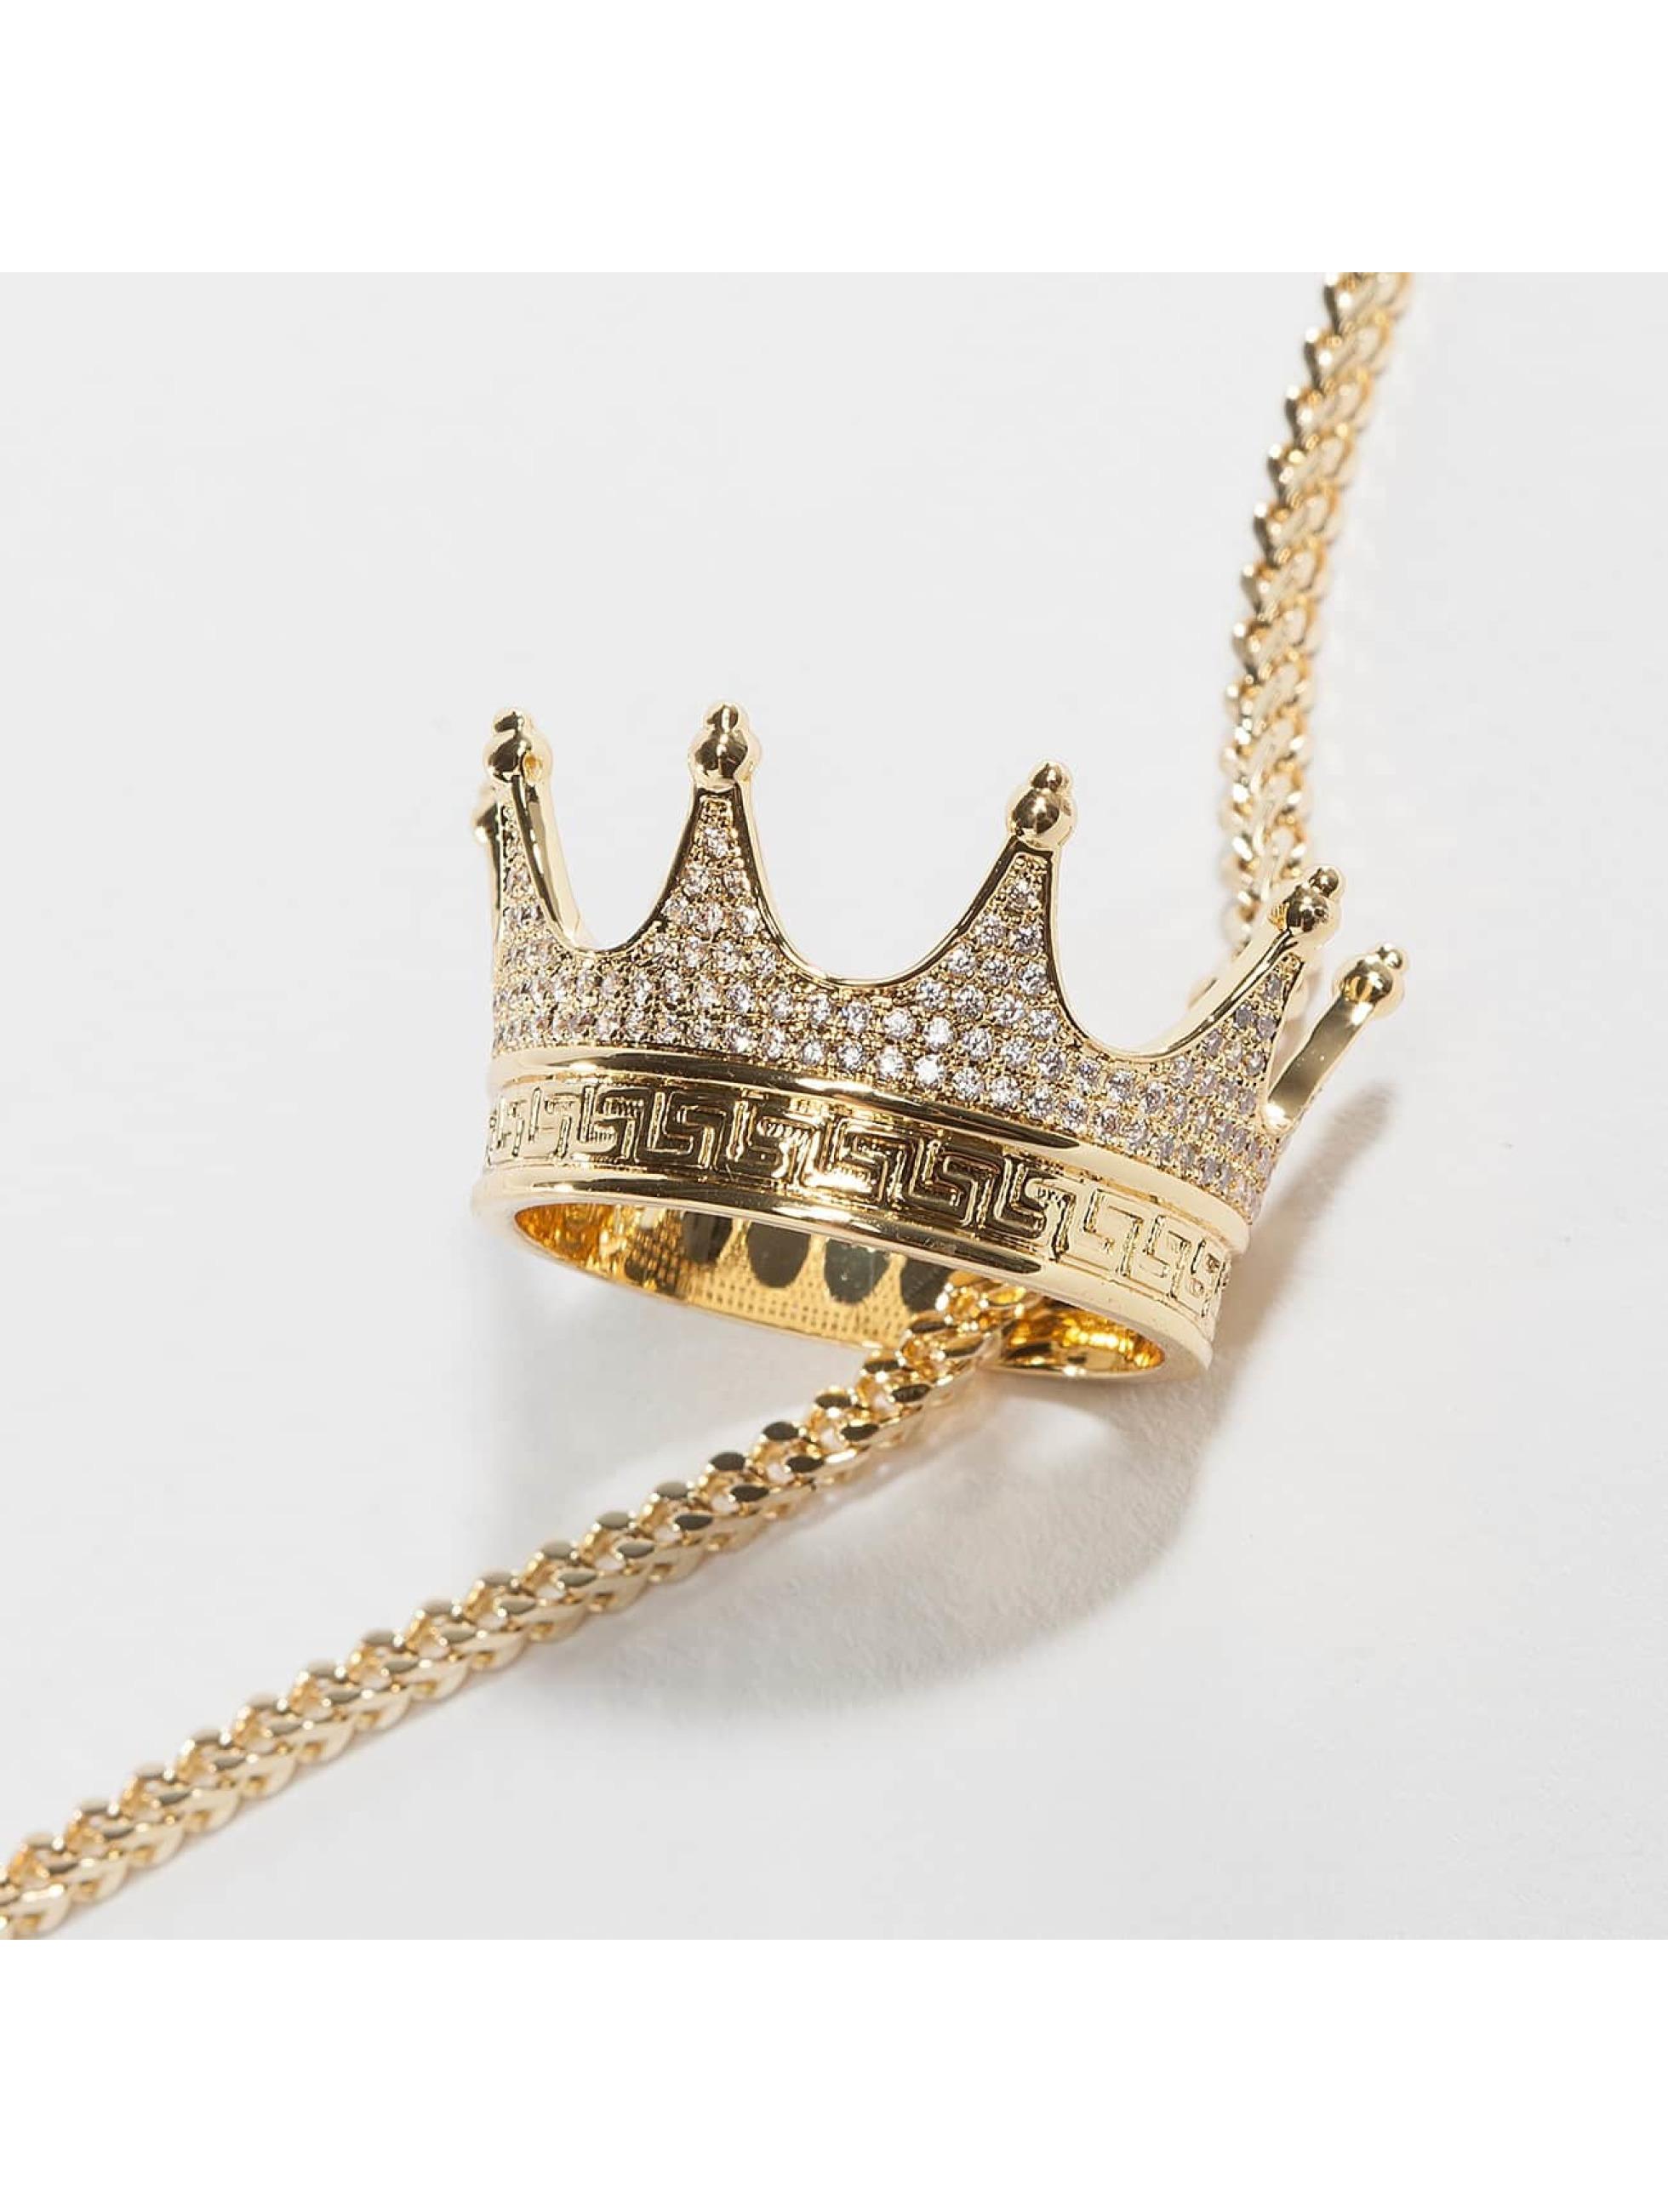 KING ICE Łańcuchy EMPIRE FOX Gold_Plated CZ Small Lucious Lyon zloty